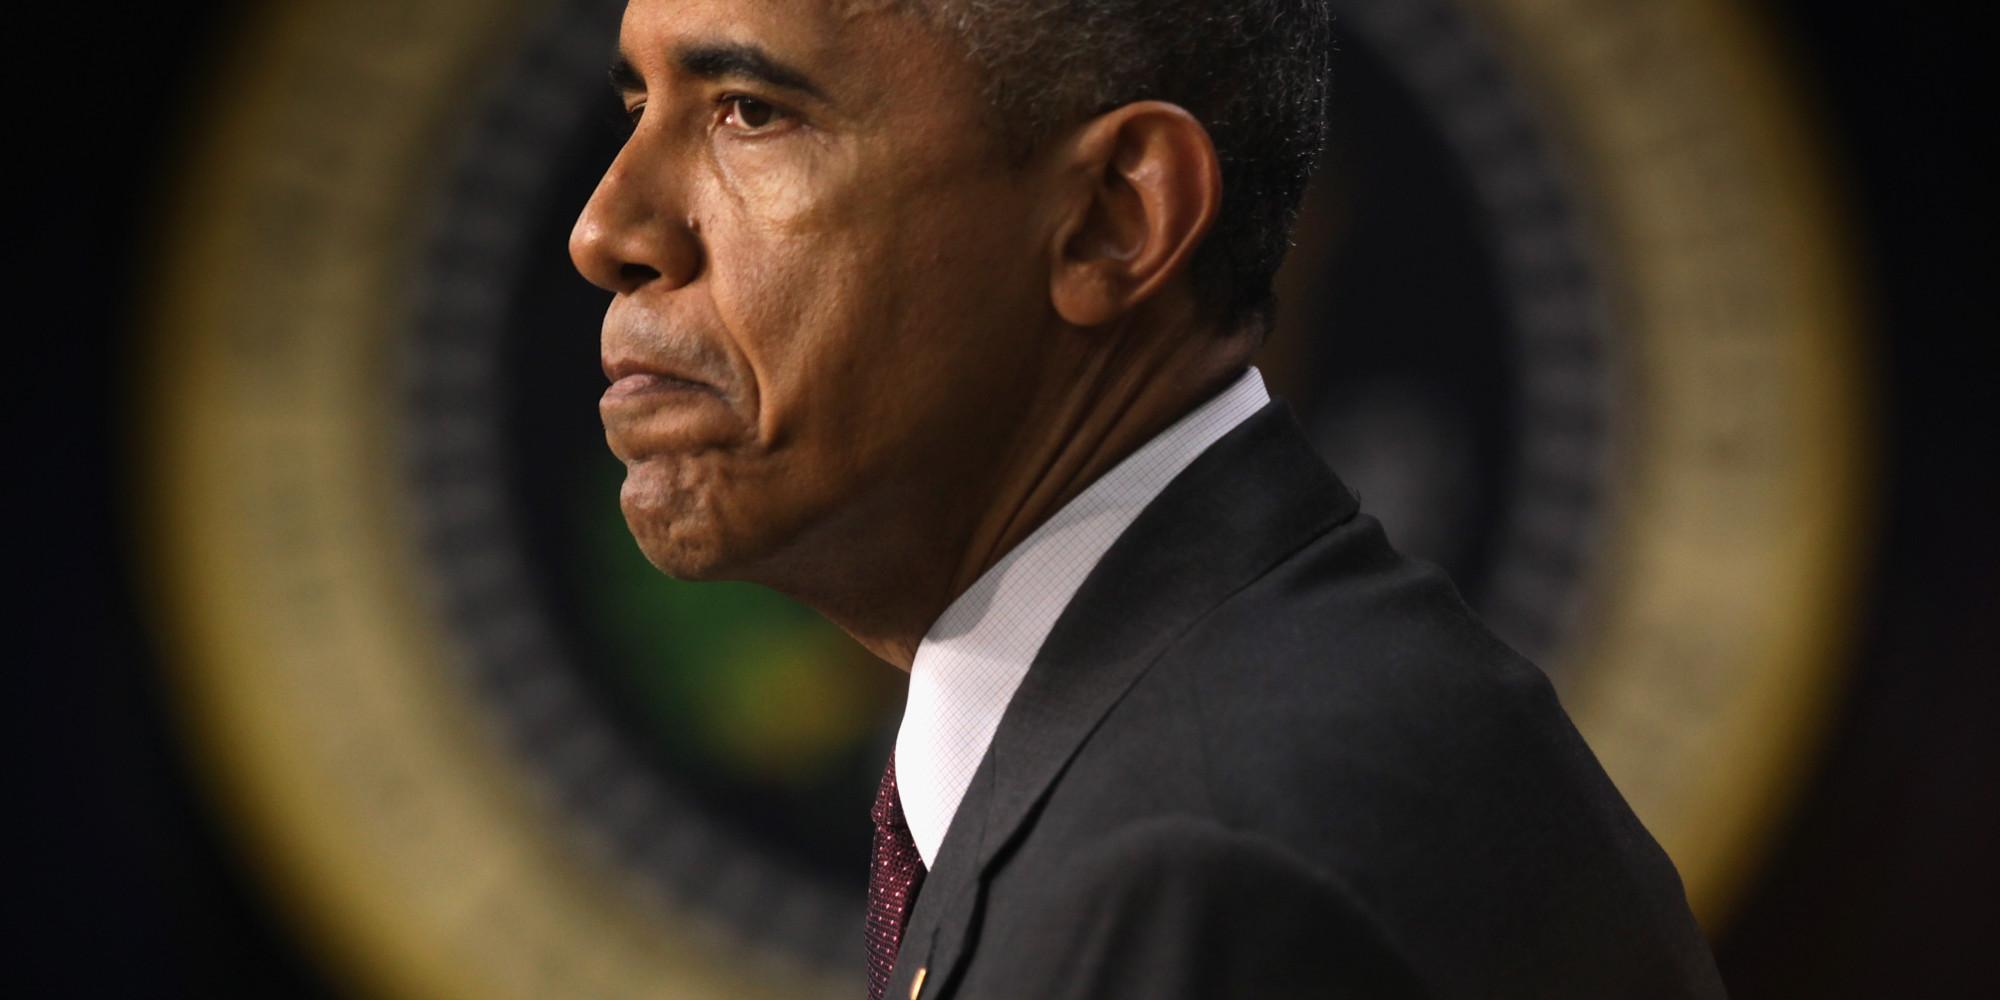 Obama 'Shocked And Deeply Saddened' Over Amtrak Train ...